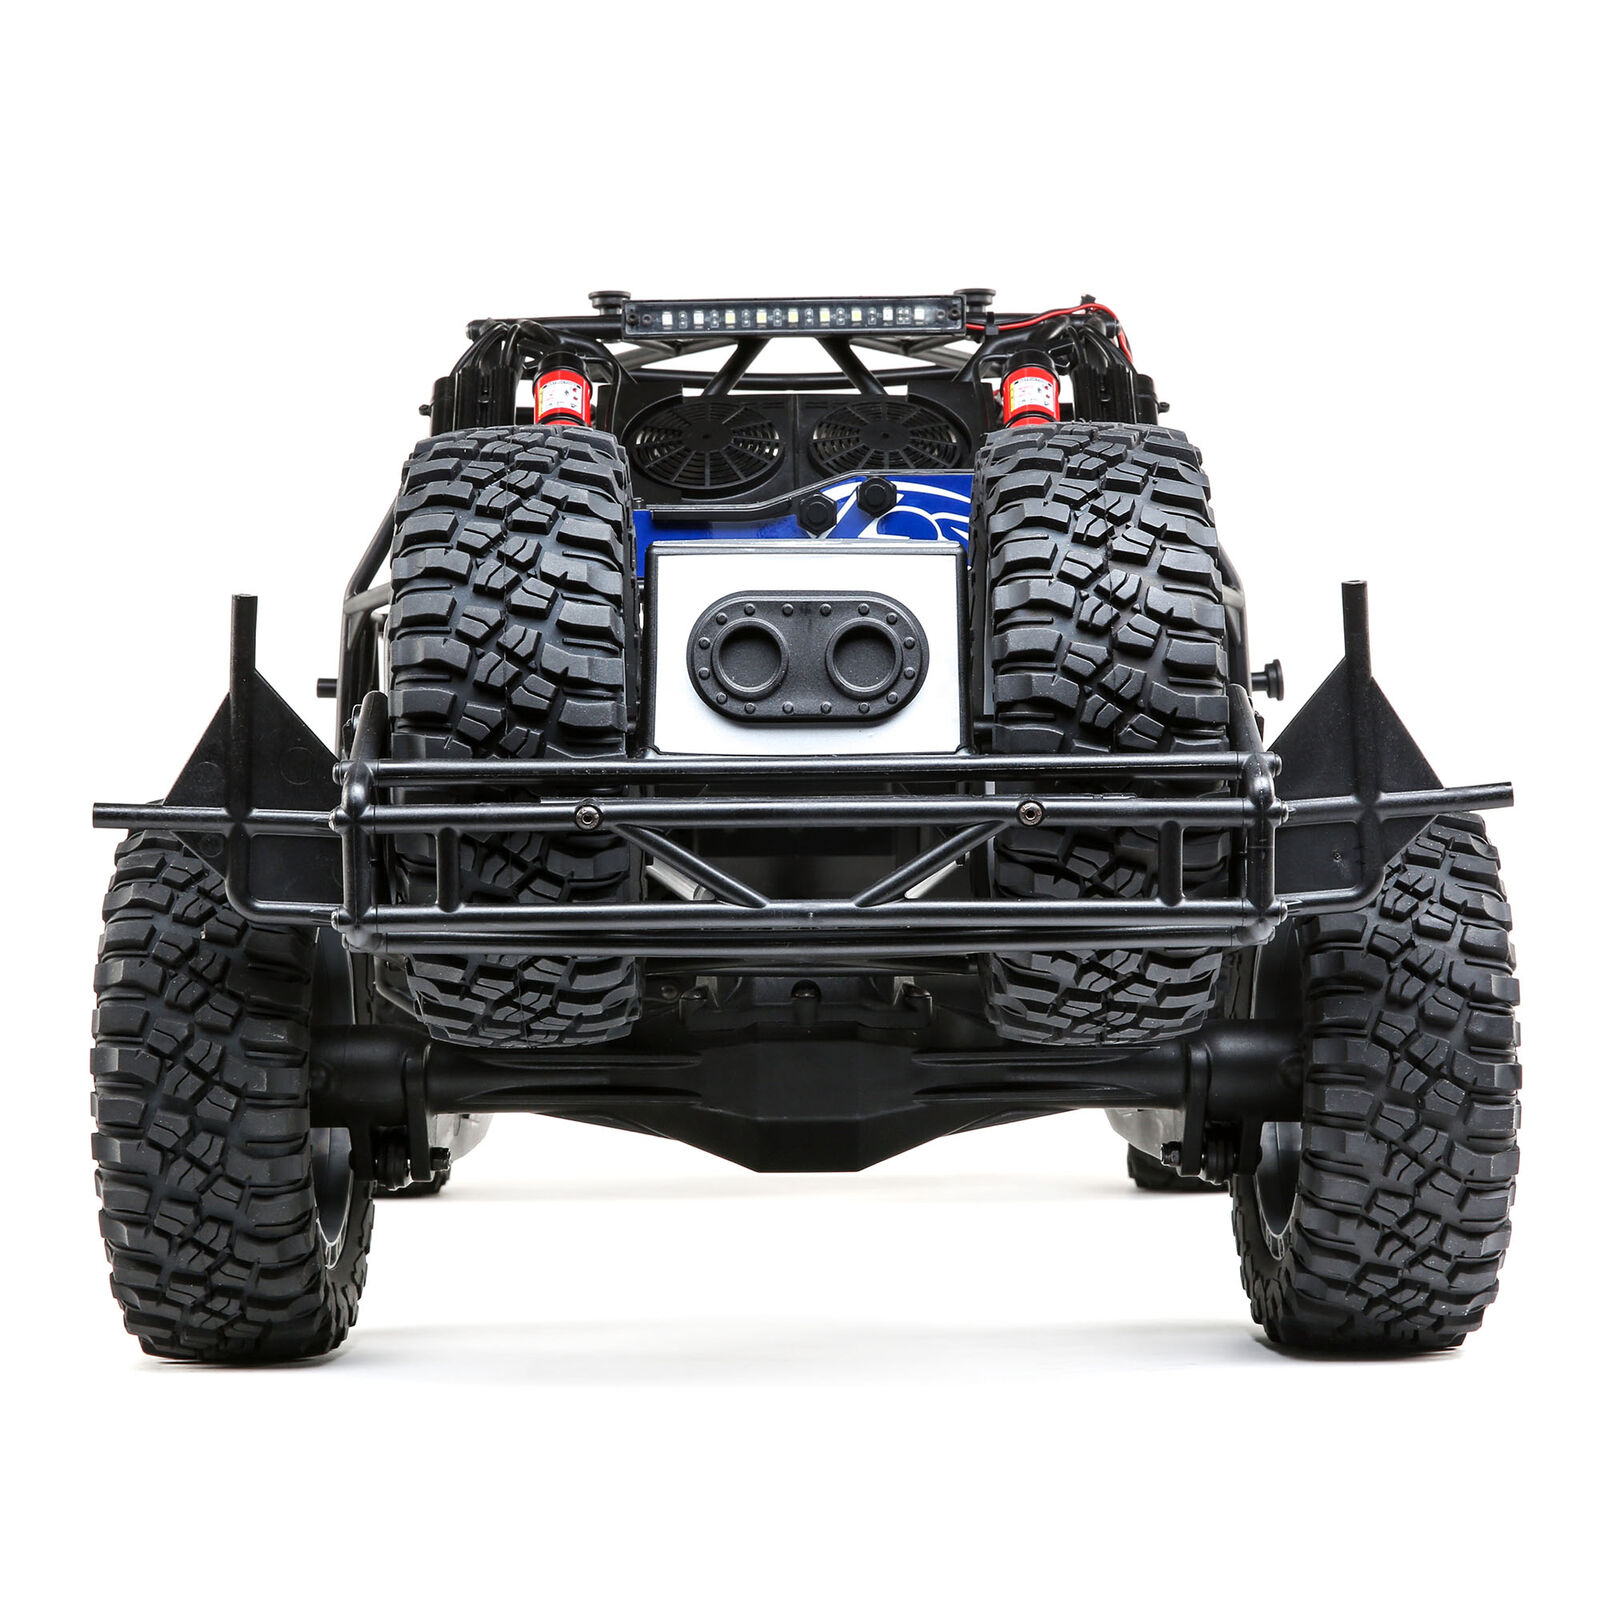 1/6 Super Baja Rey 2.0 4WD Brushless Desert Truck RTR, King Shocks